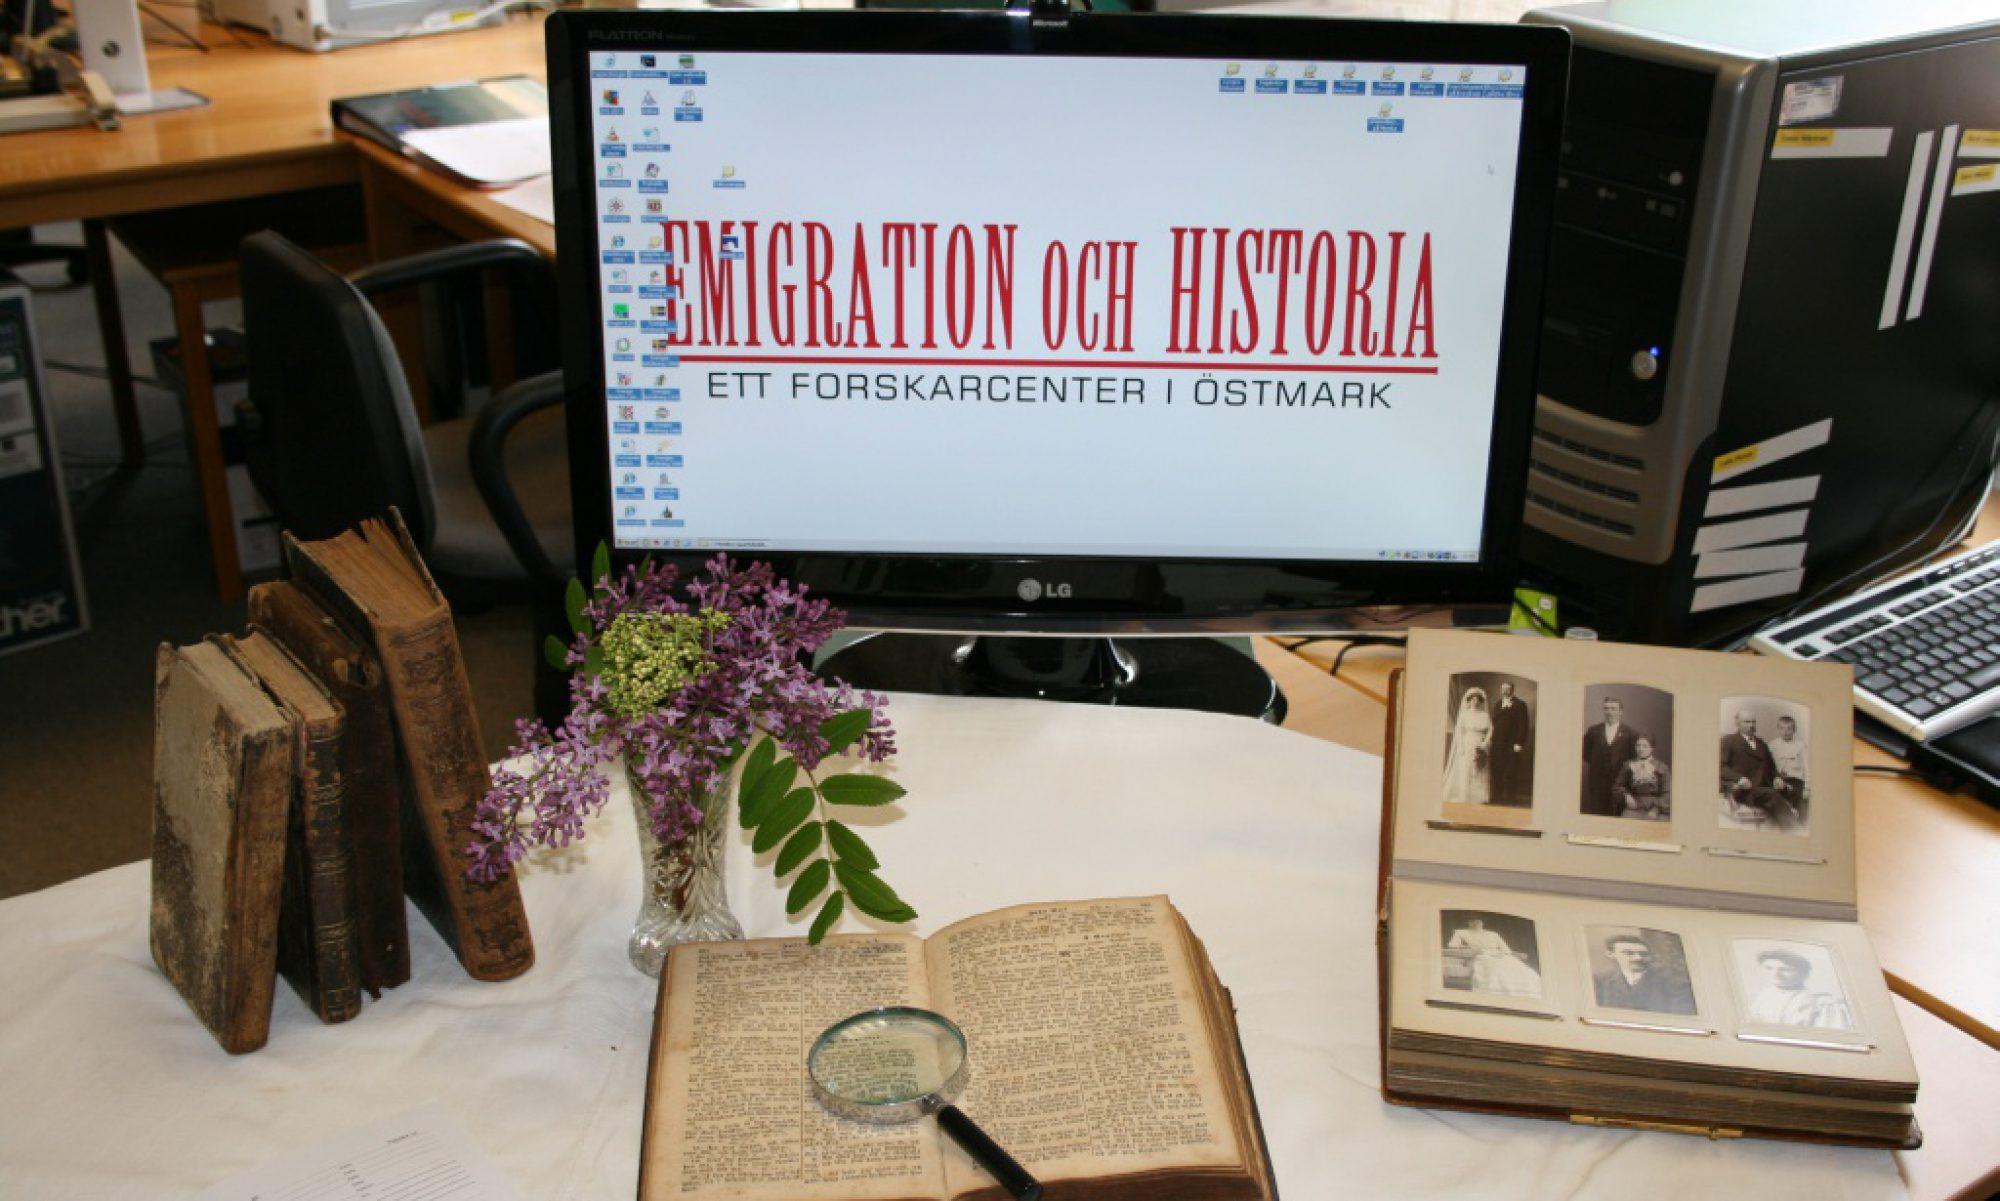 Emigration och Historia